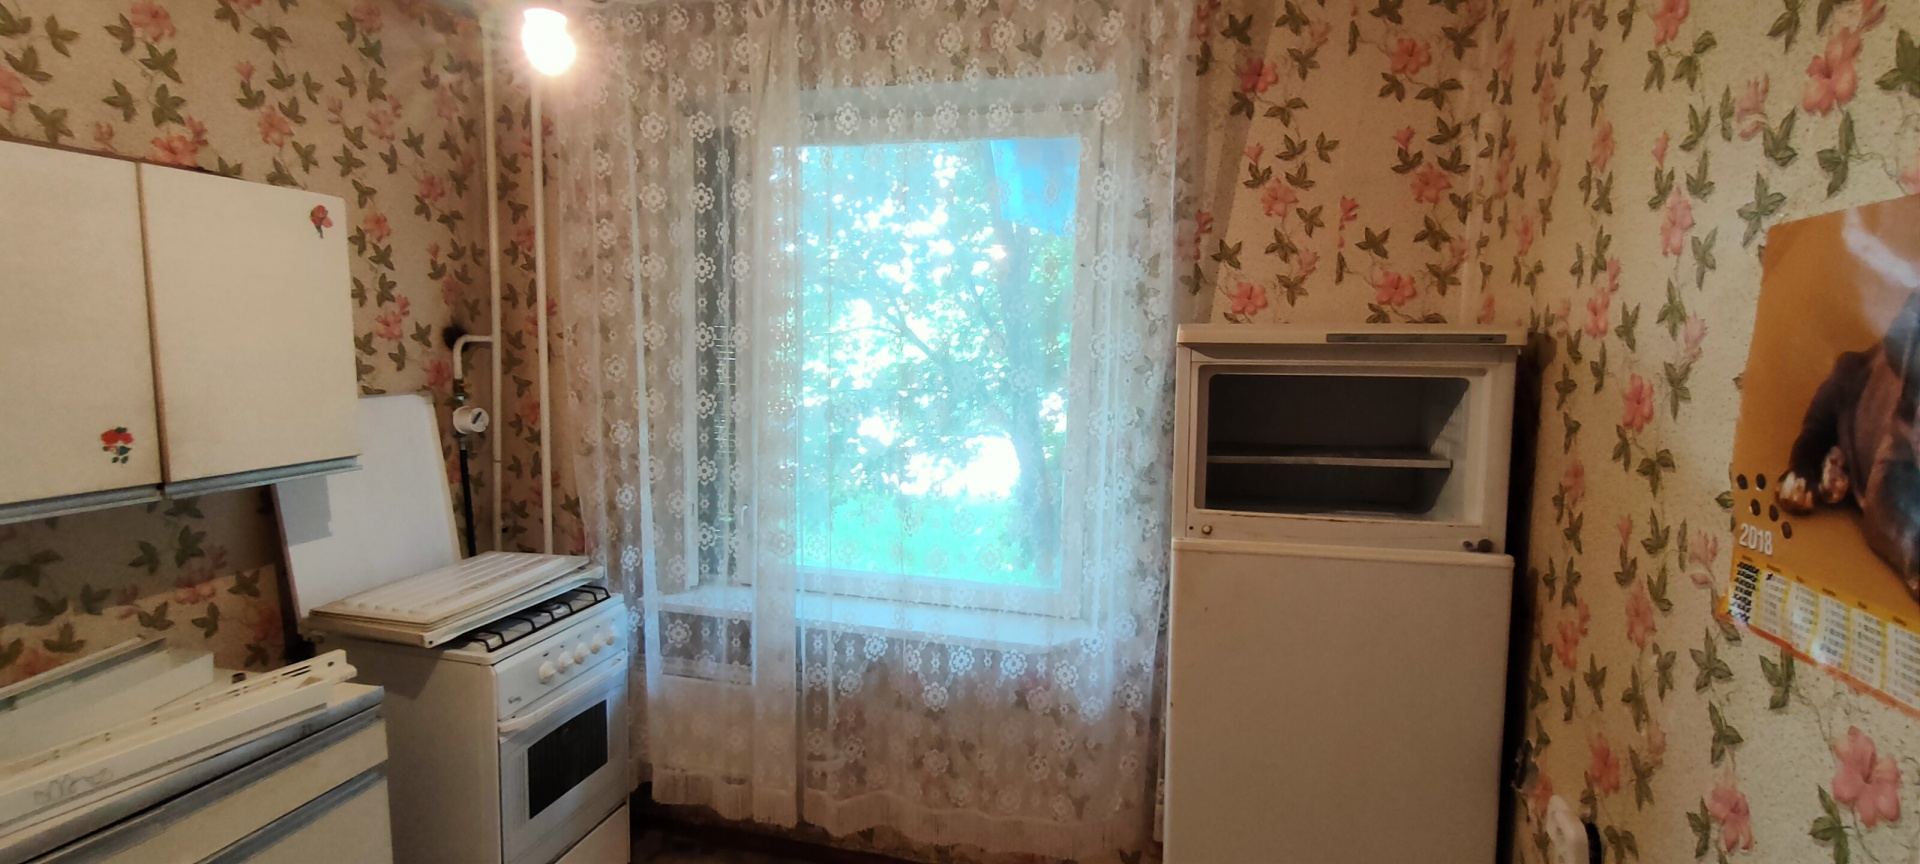 Квартира 1 комнатная в г. Майкоп район Михайлова